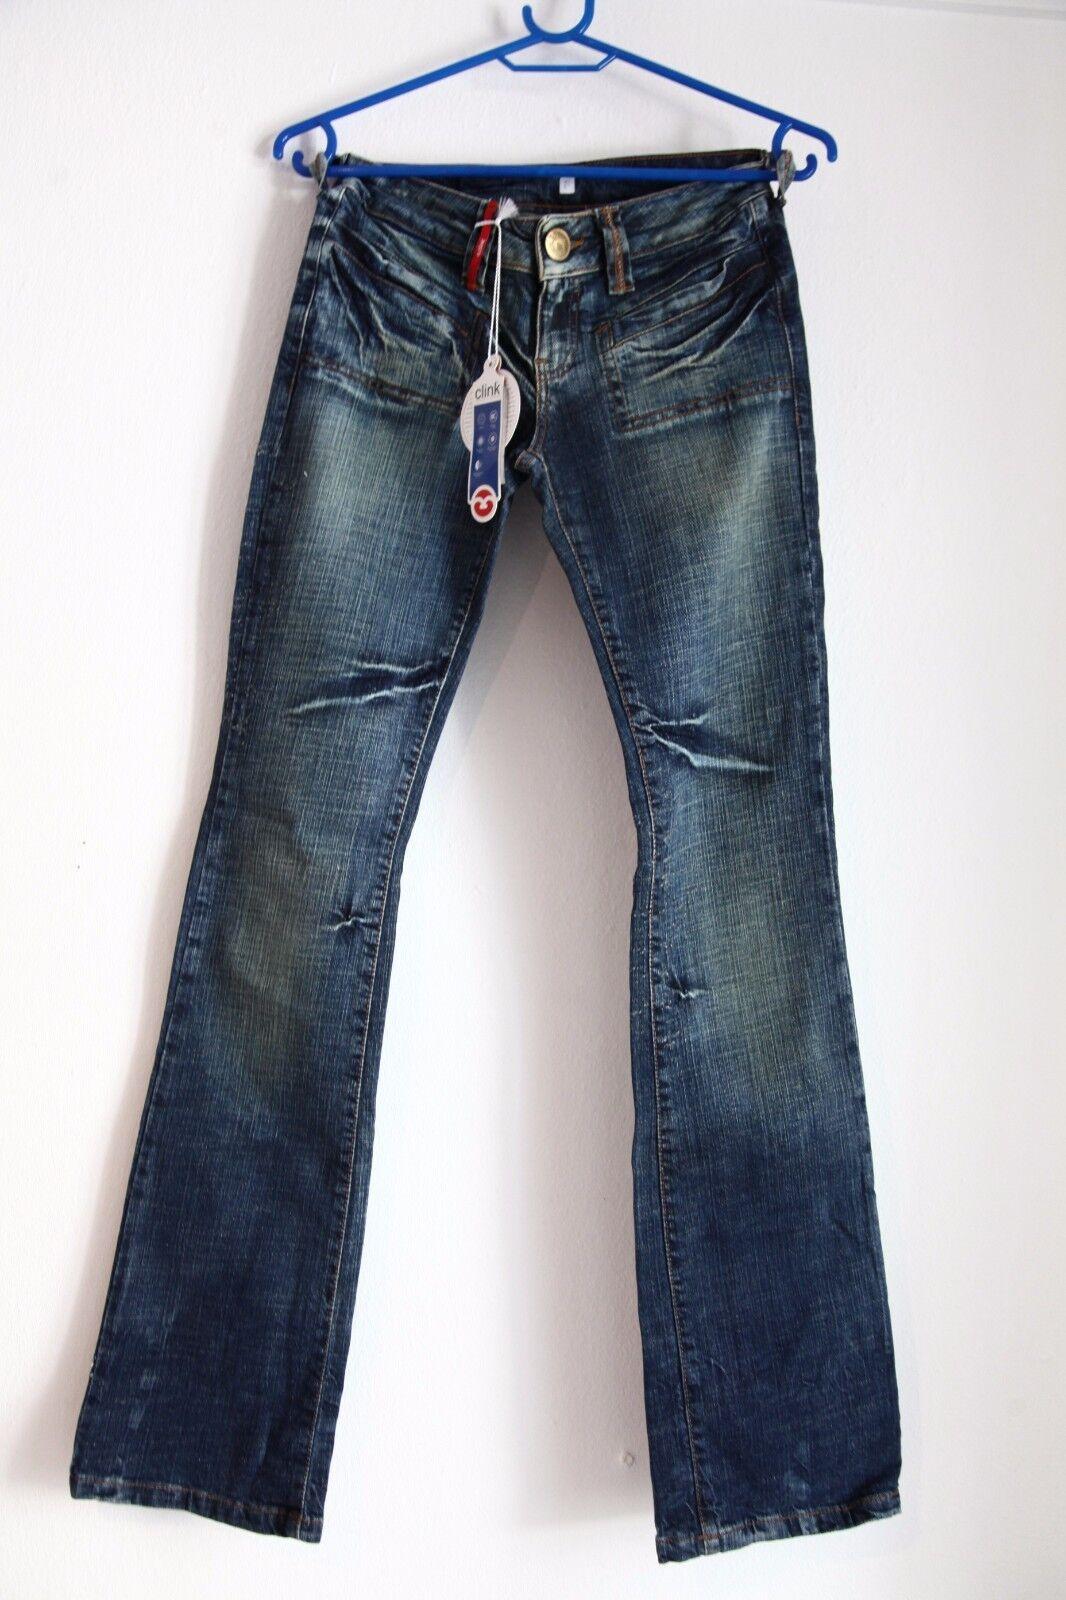 CLINK Jeans London  .26. bluee Jeans.